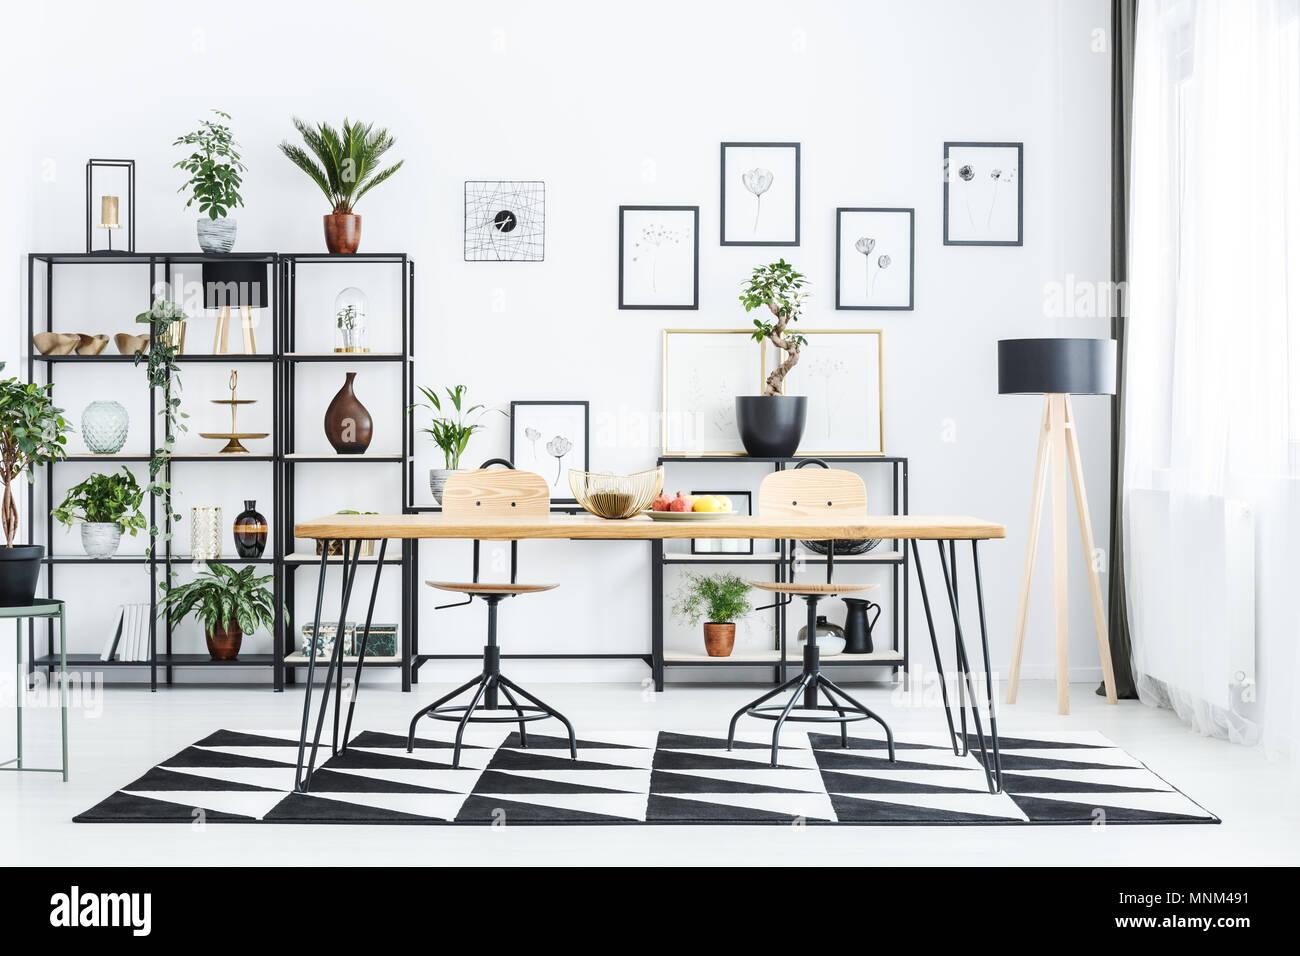 Silla de madera en la mesa sobre alfombras geométricas en scandi comedor interior con lámpara Foto de stock